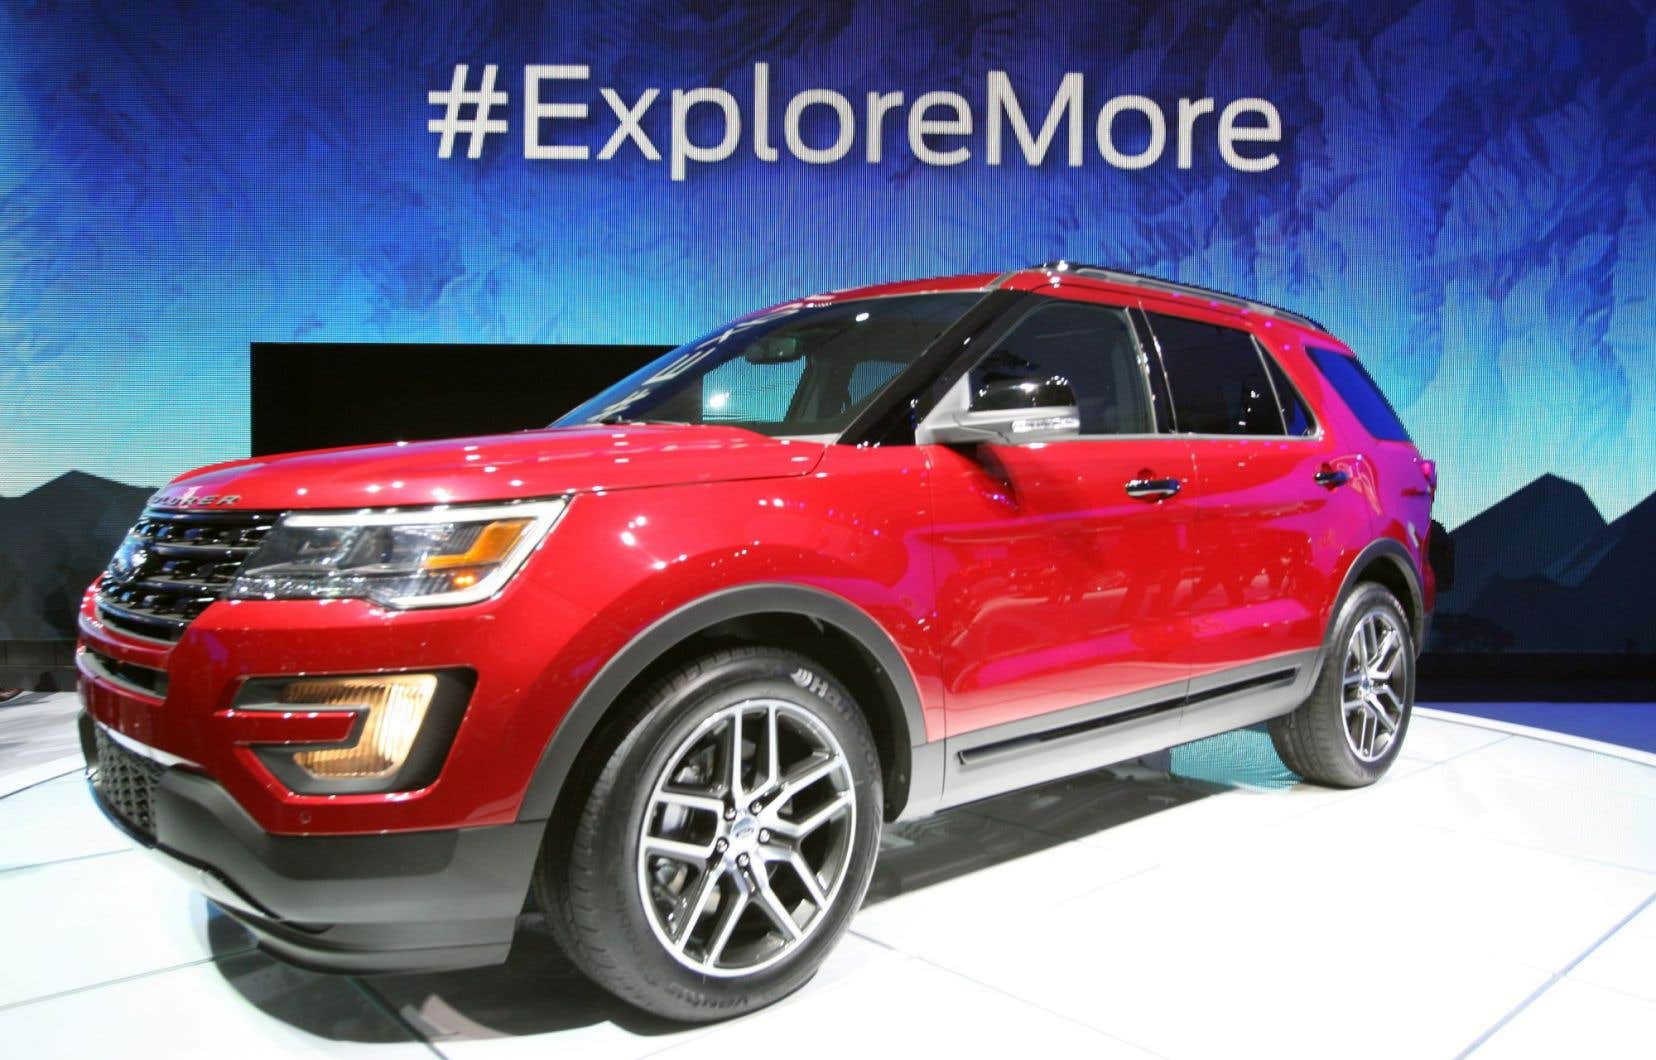 Le nouveau modèle de Ford Explorer présenté lors du Salon de l'automobile de Los Angeles